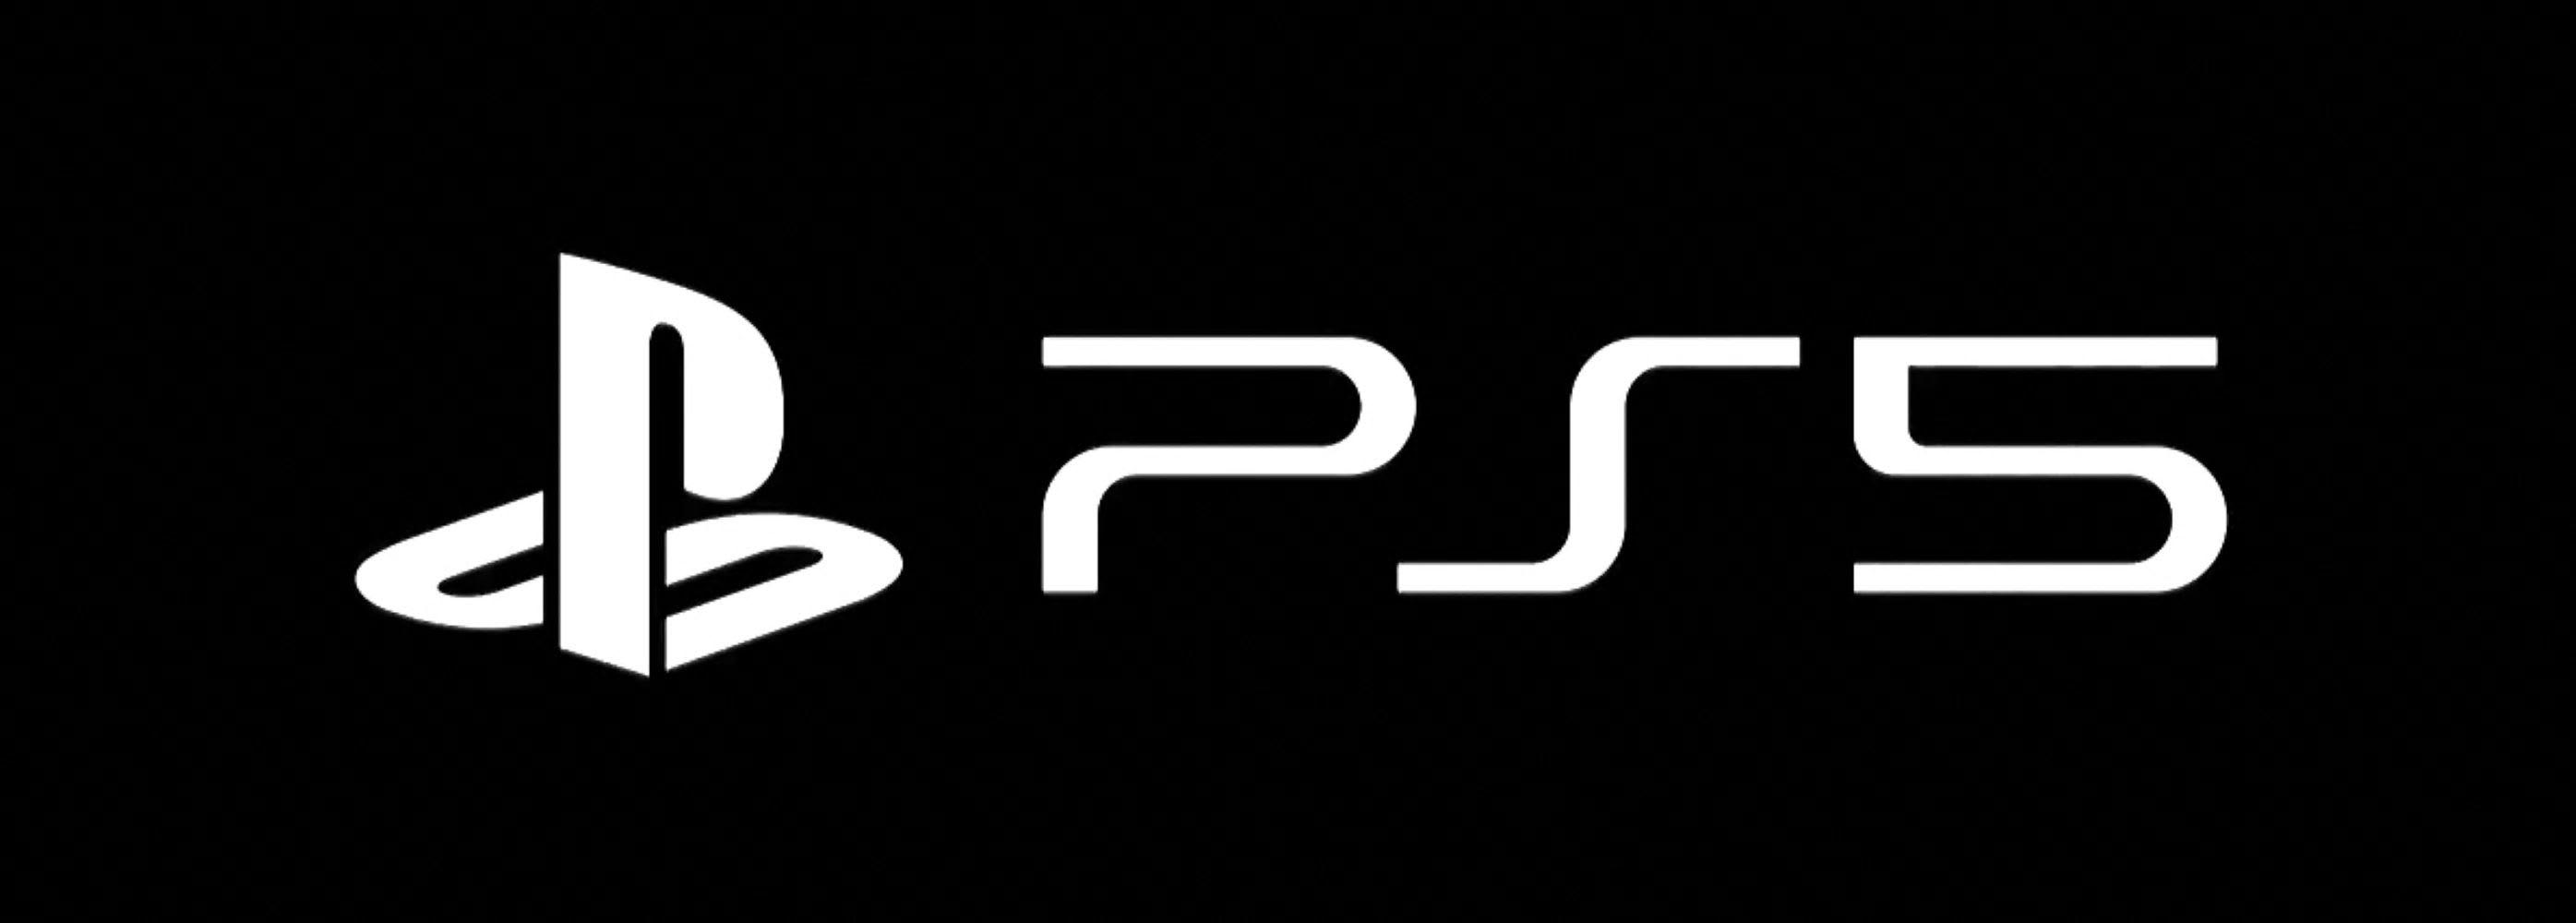 Logo Sony PS5 PlayStation 5